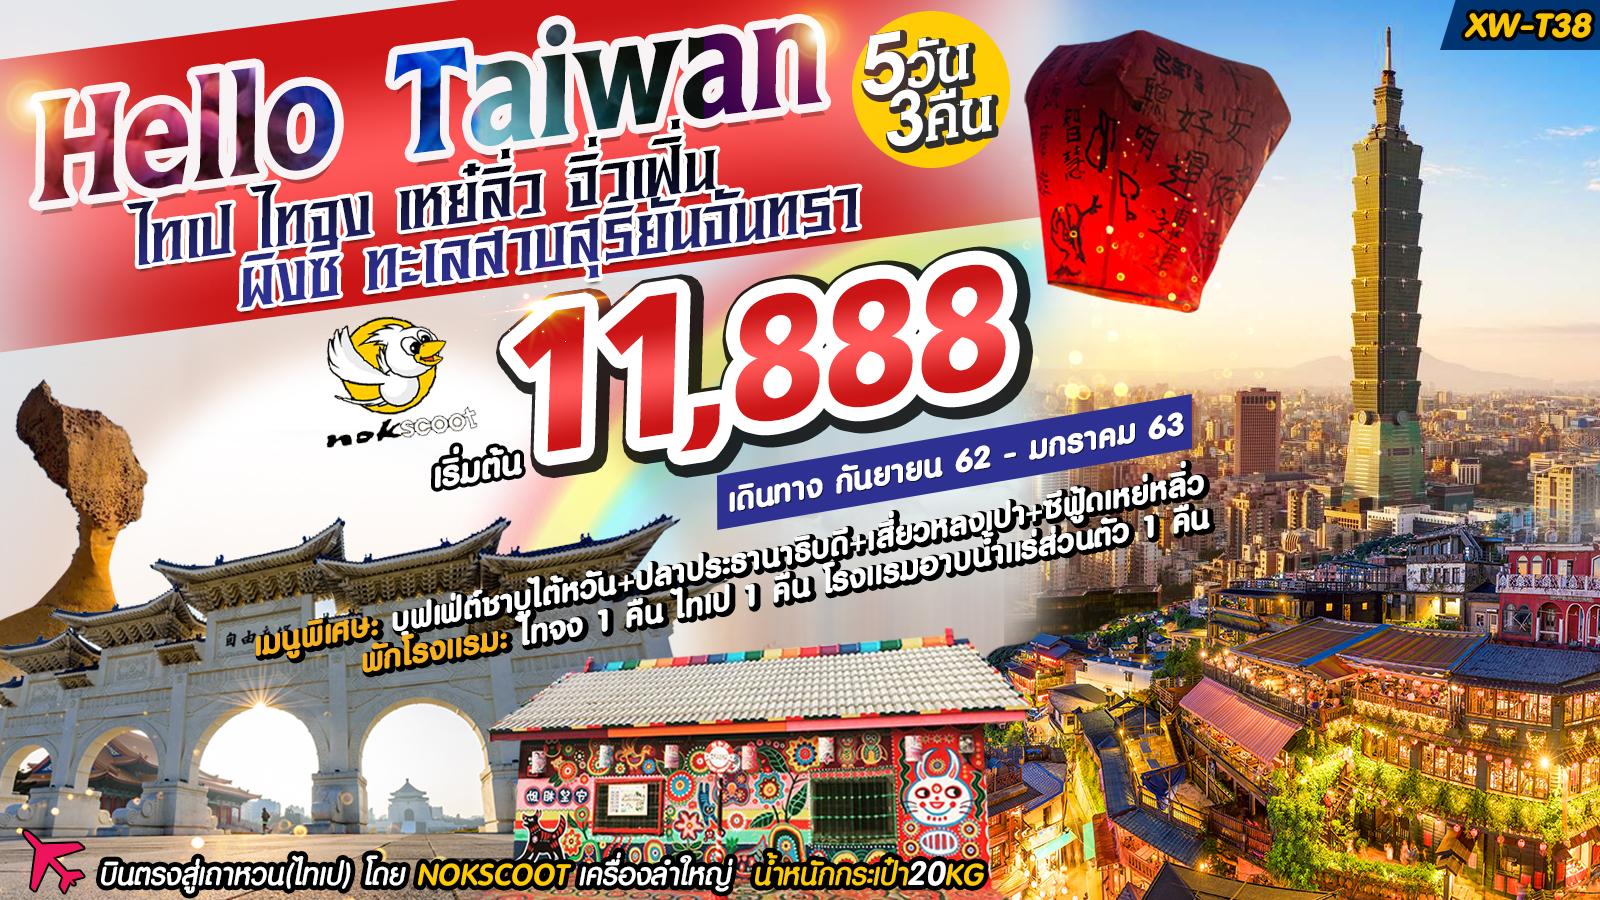 ทัวร์ไต้หวัน HELLO TAIWAN ไต้หวัน ไทเป ไทจง เหย่หลิ๋ว จิ่วเฟิ่น ผิงซี ทะเลสาบสุริยันจันทรา 5วัน3คืน